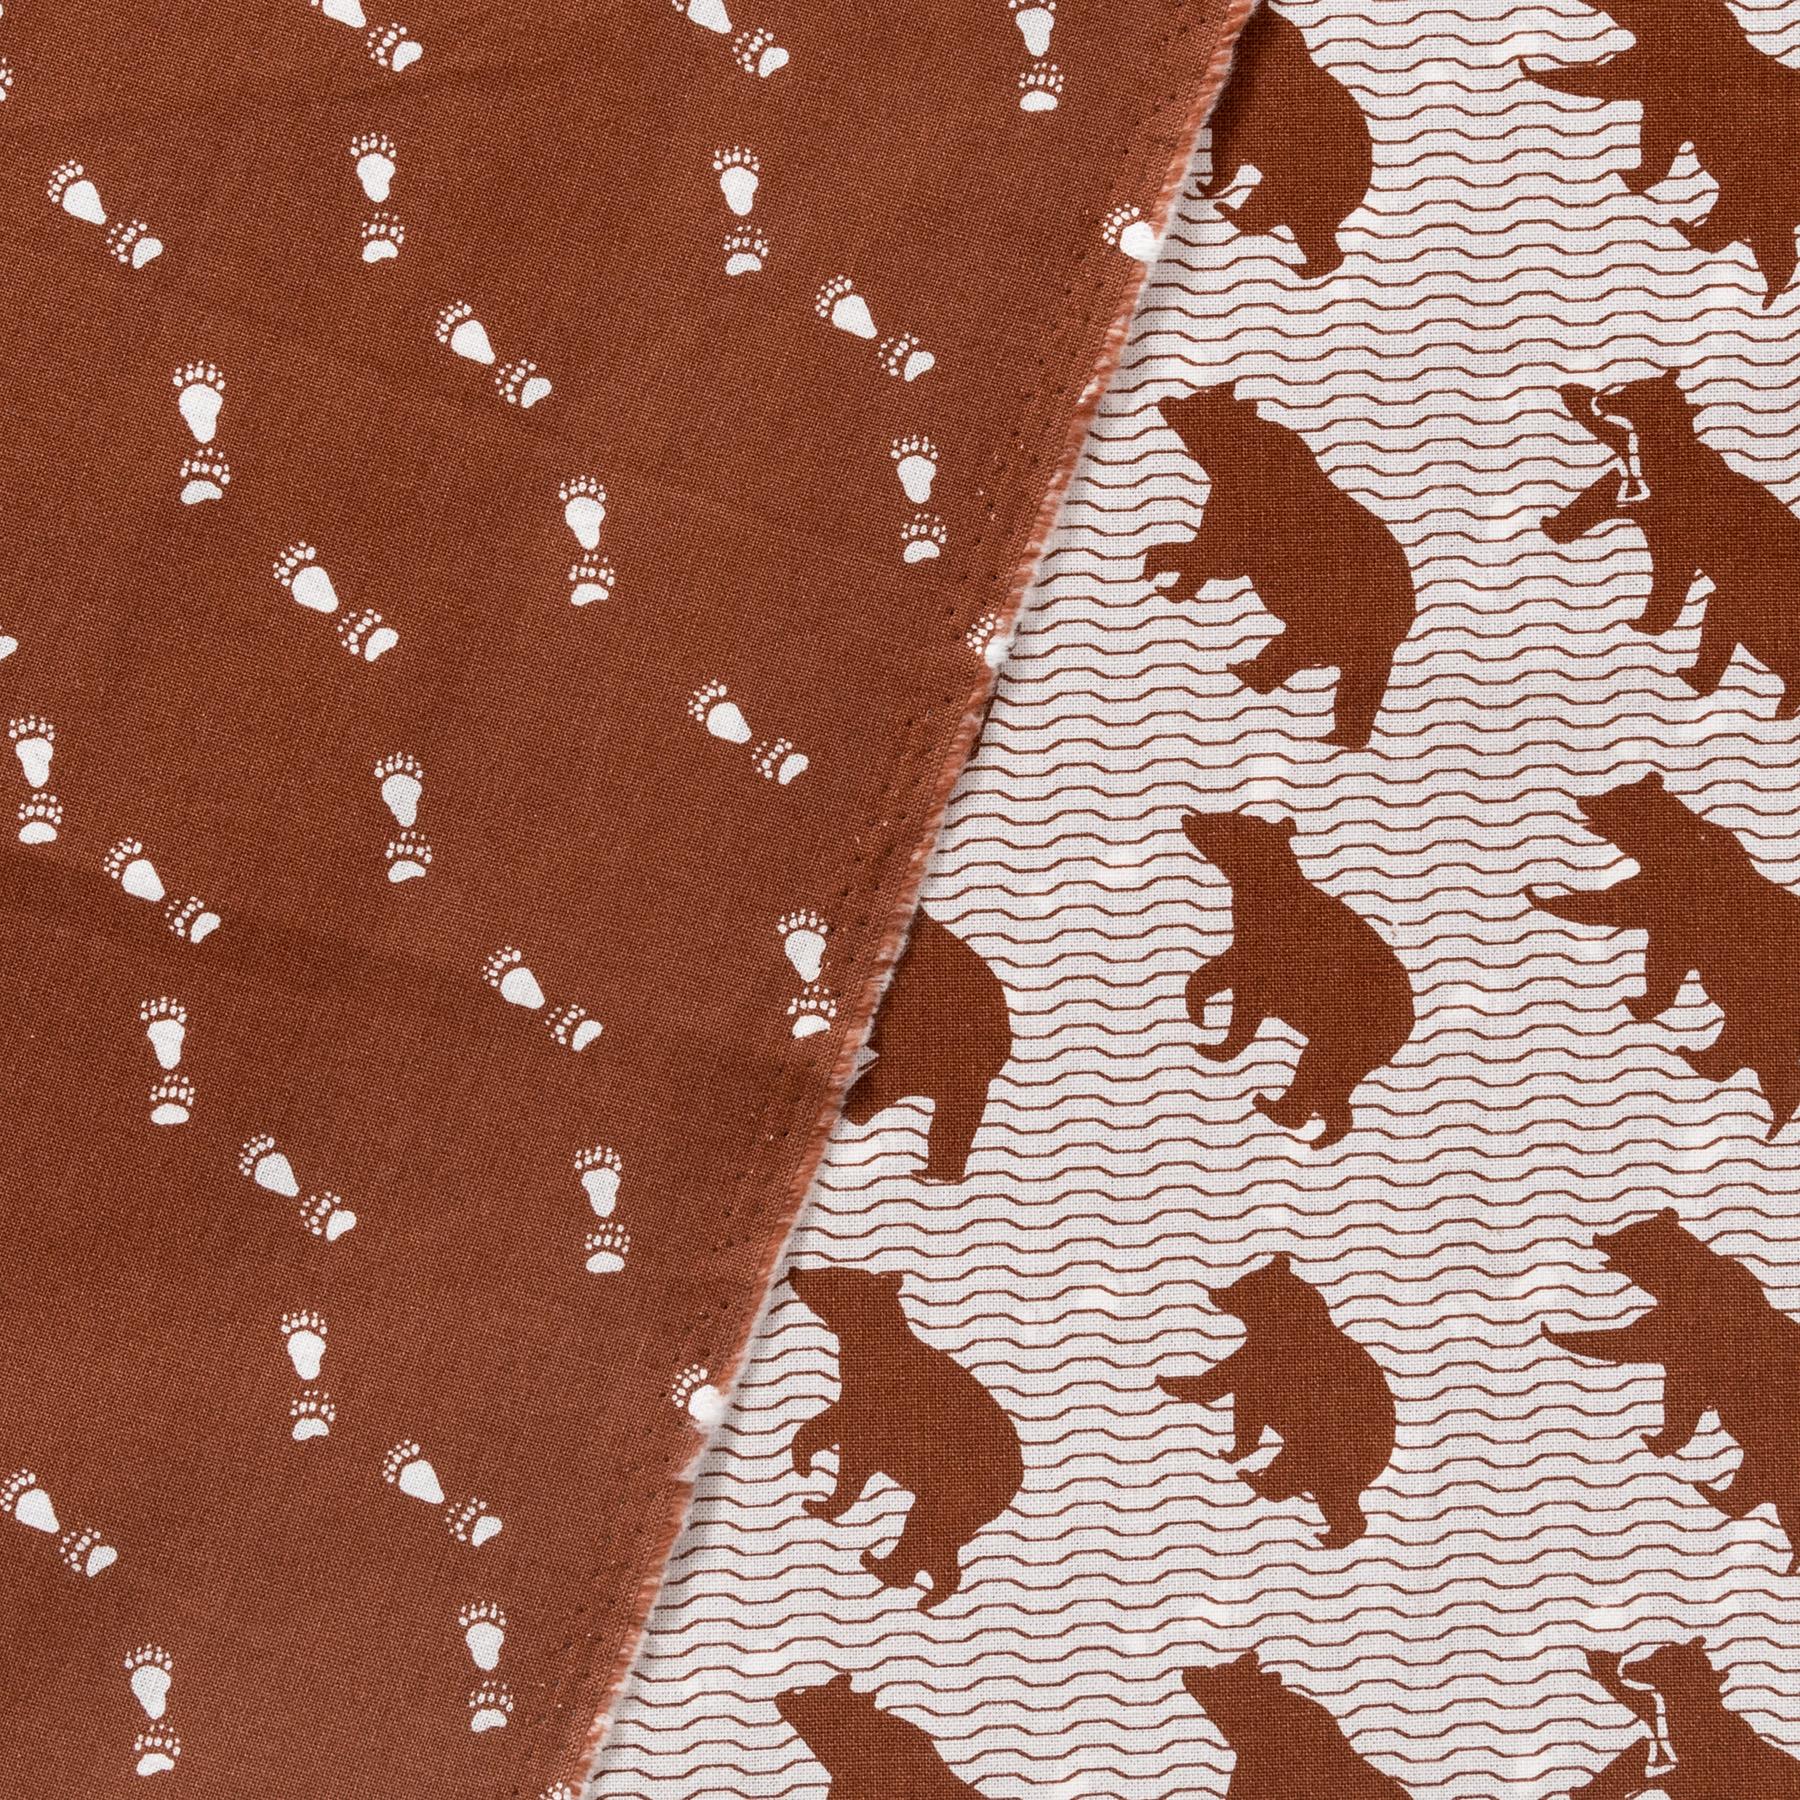 Baumwolle Doubleface Canvas Bären und Tatzen braun weiß